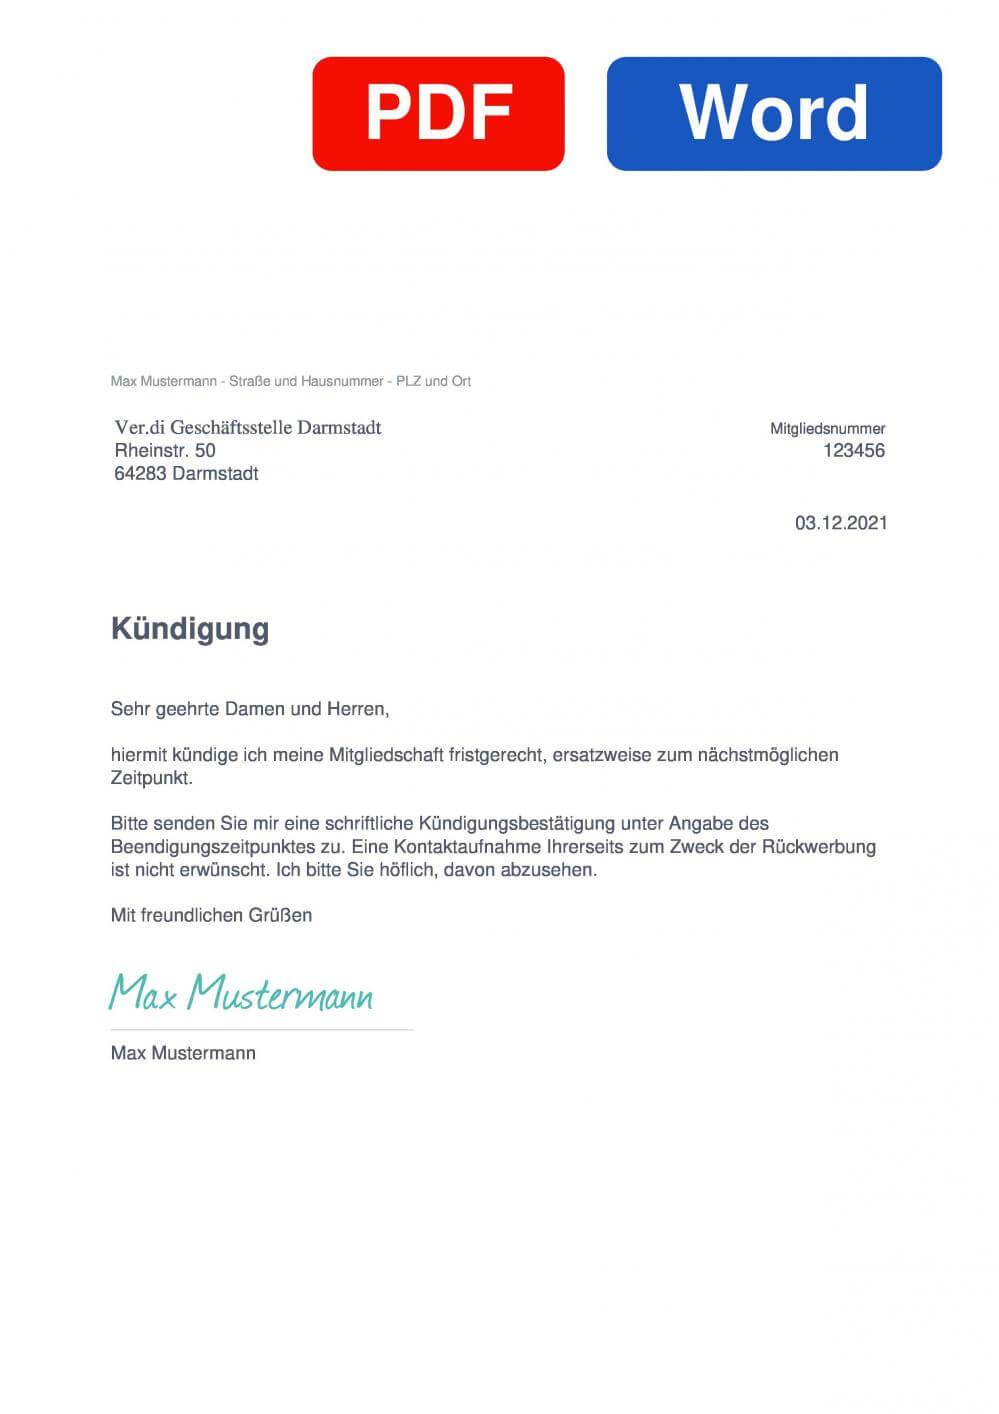 Verdi Darmstadt Muster Vorlage für Kündigungsschreiben